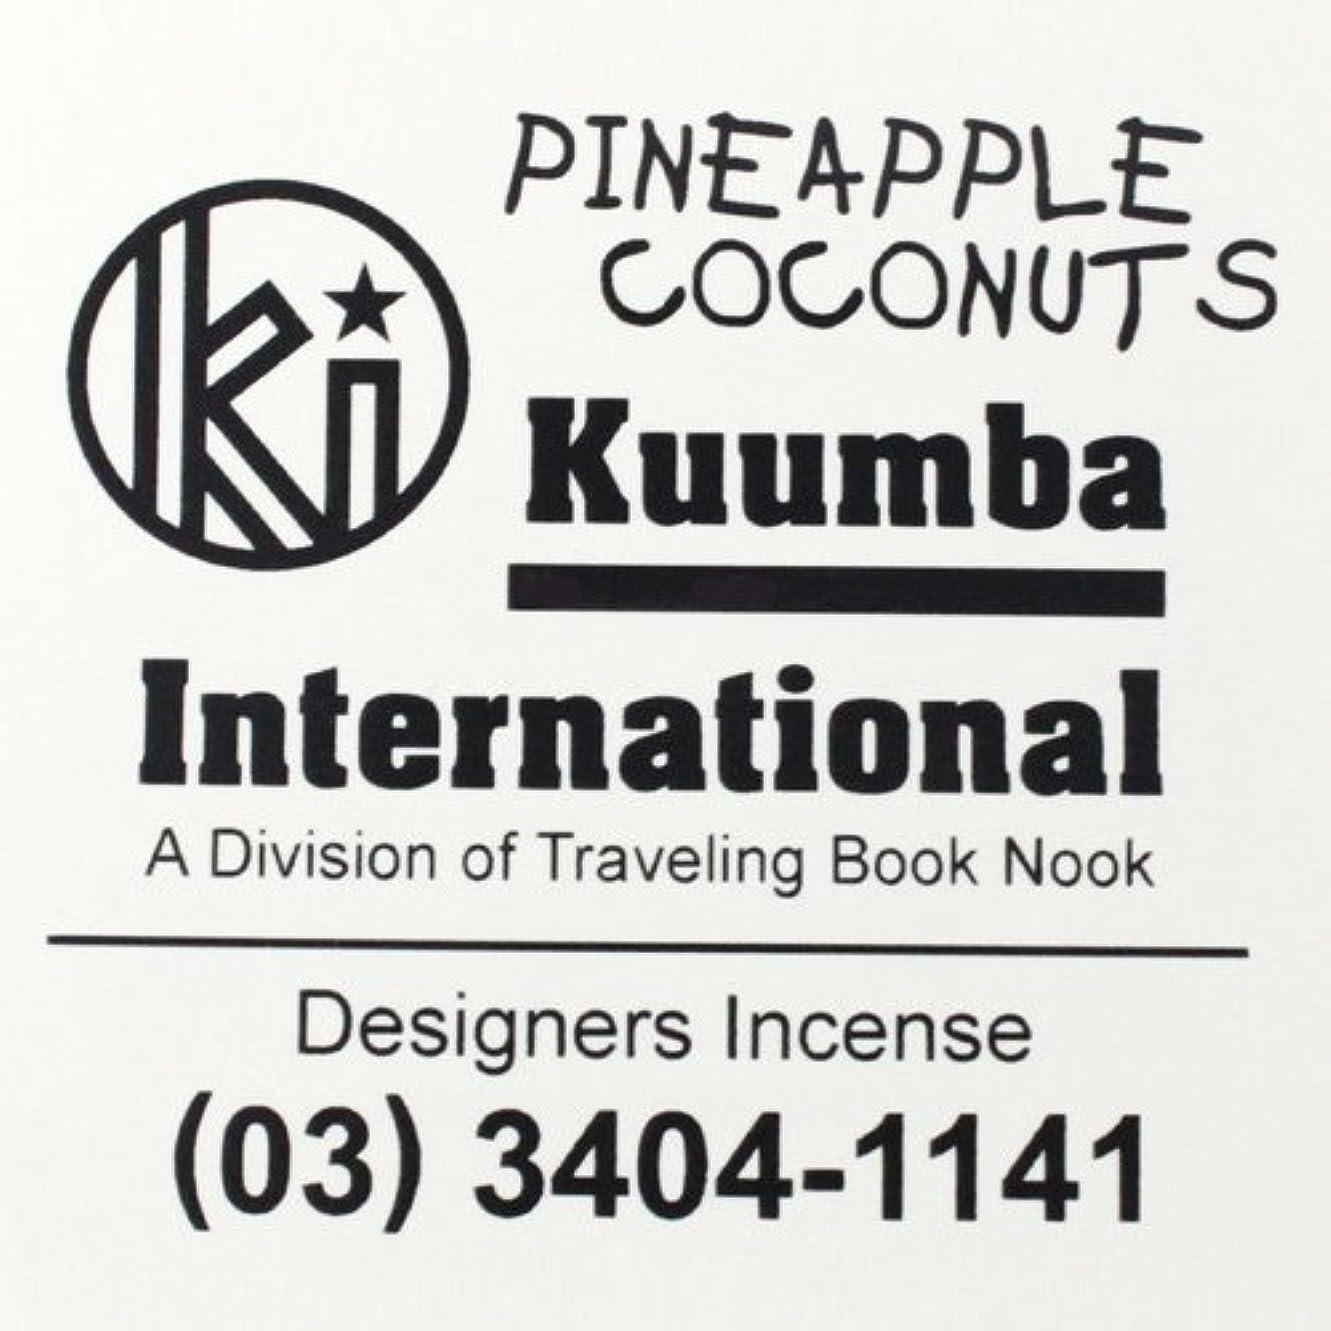 ソケット慈悲深い腸KUUMBA (クンバ)『incense』(PINEAPPLE COCONUTS) (Regular size)